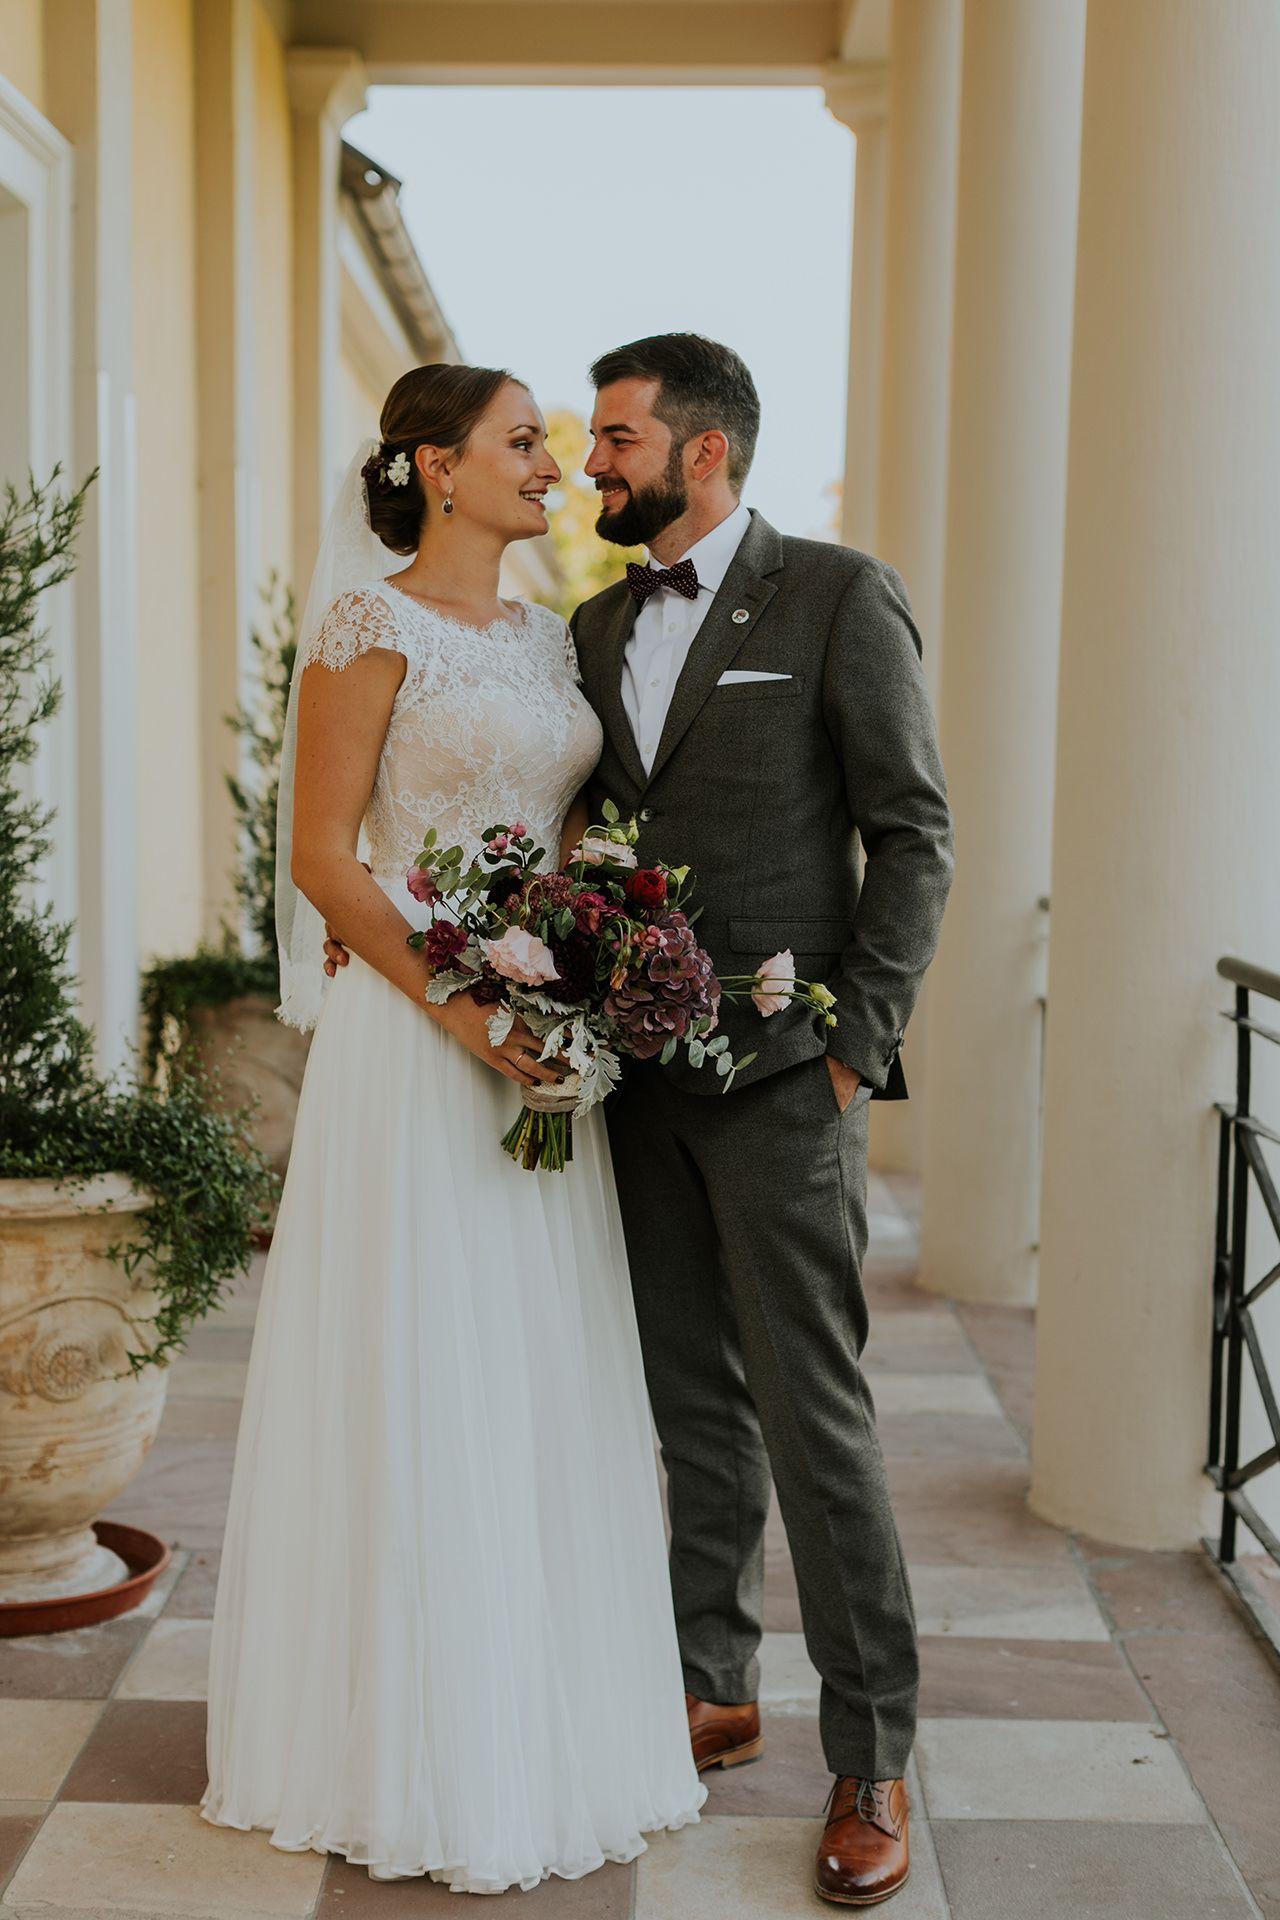 Lena Und David Herbsthochzeit Hochzeit Schloss Hochzeit